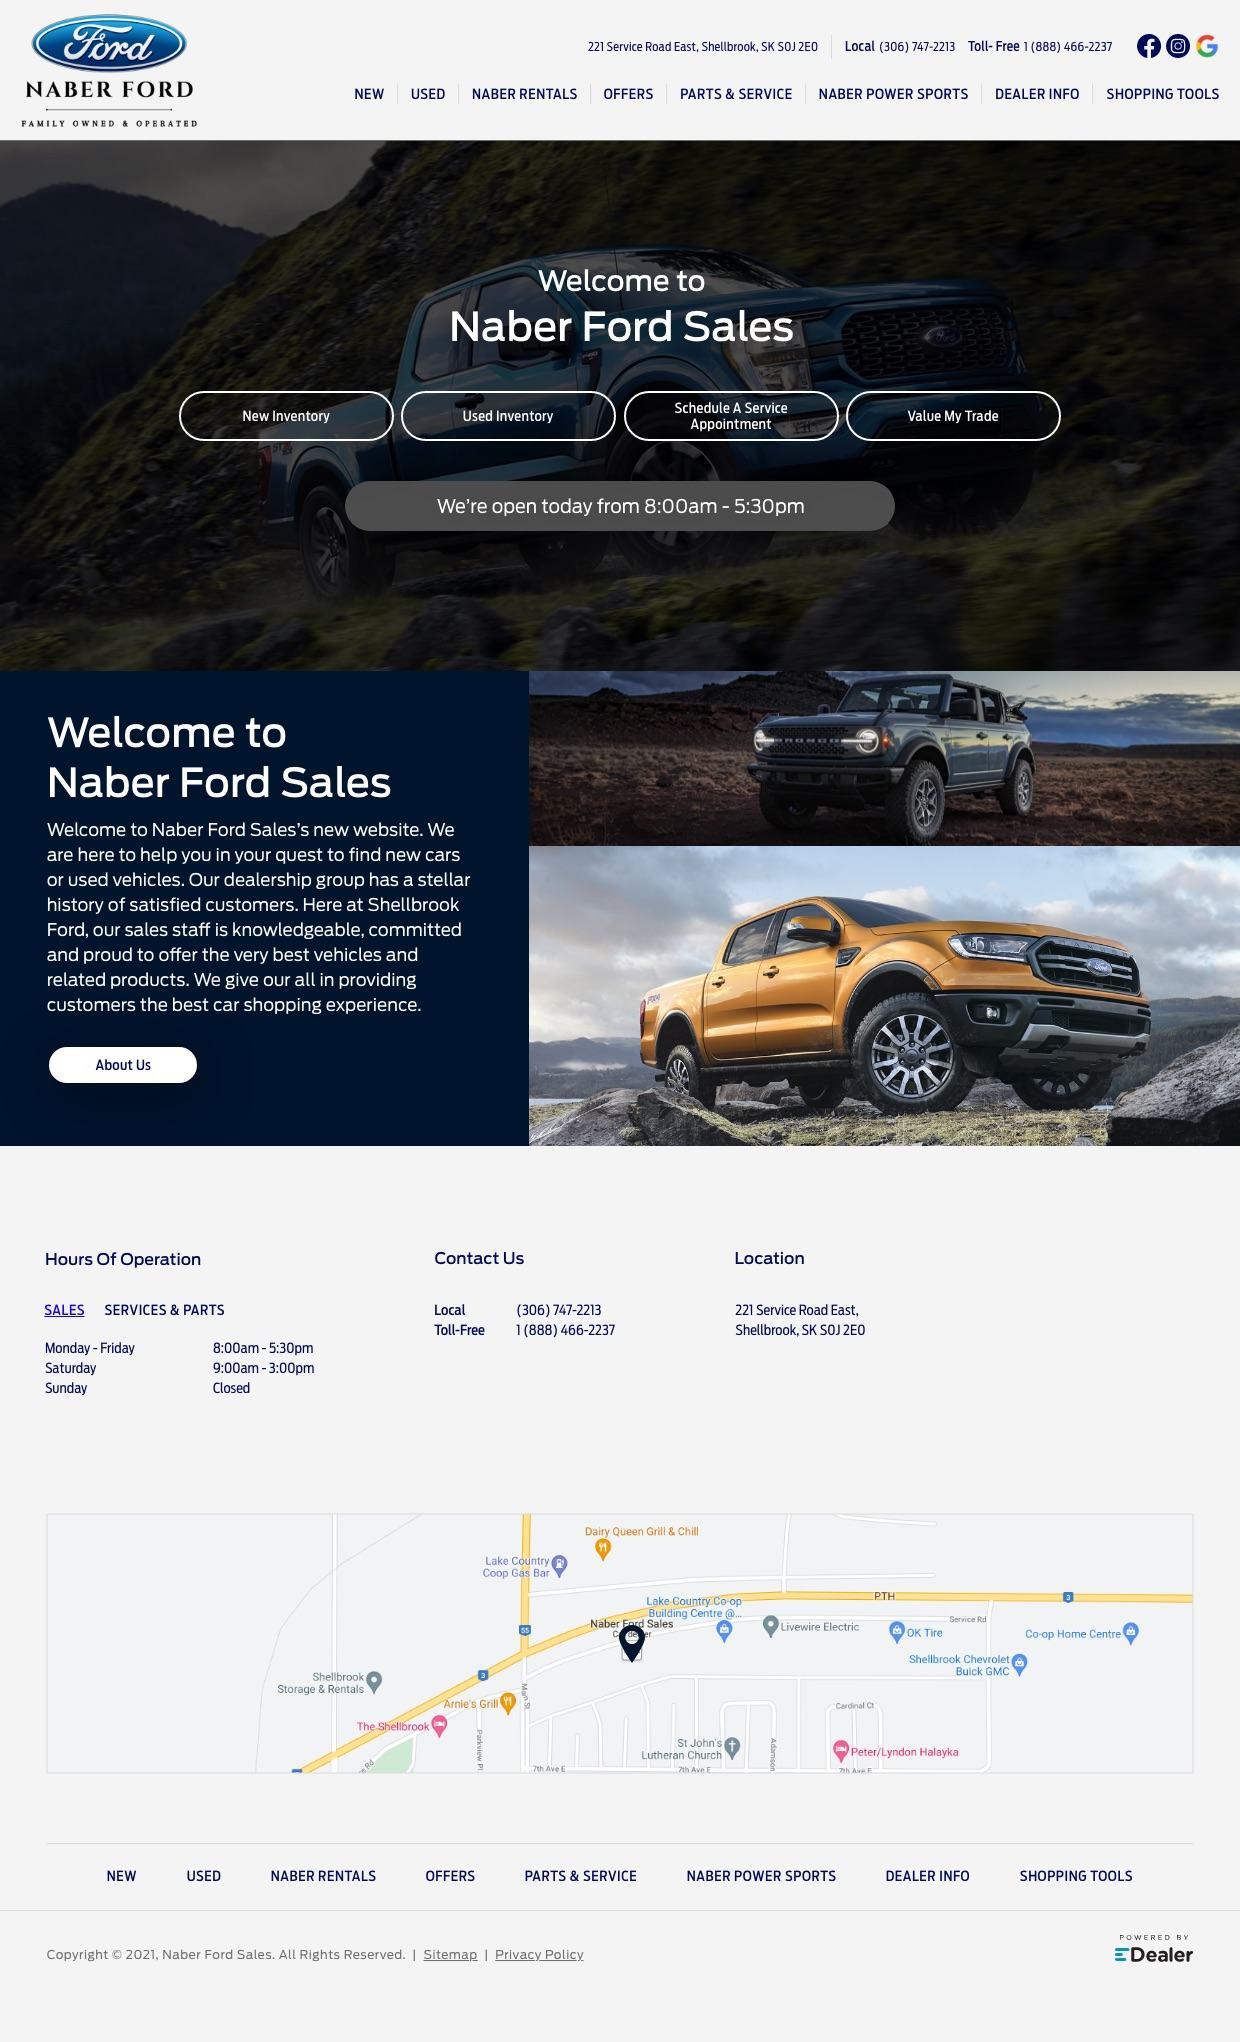 Naber Ford